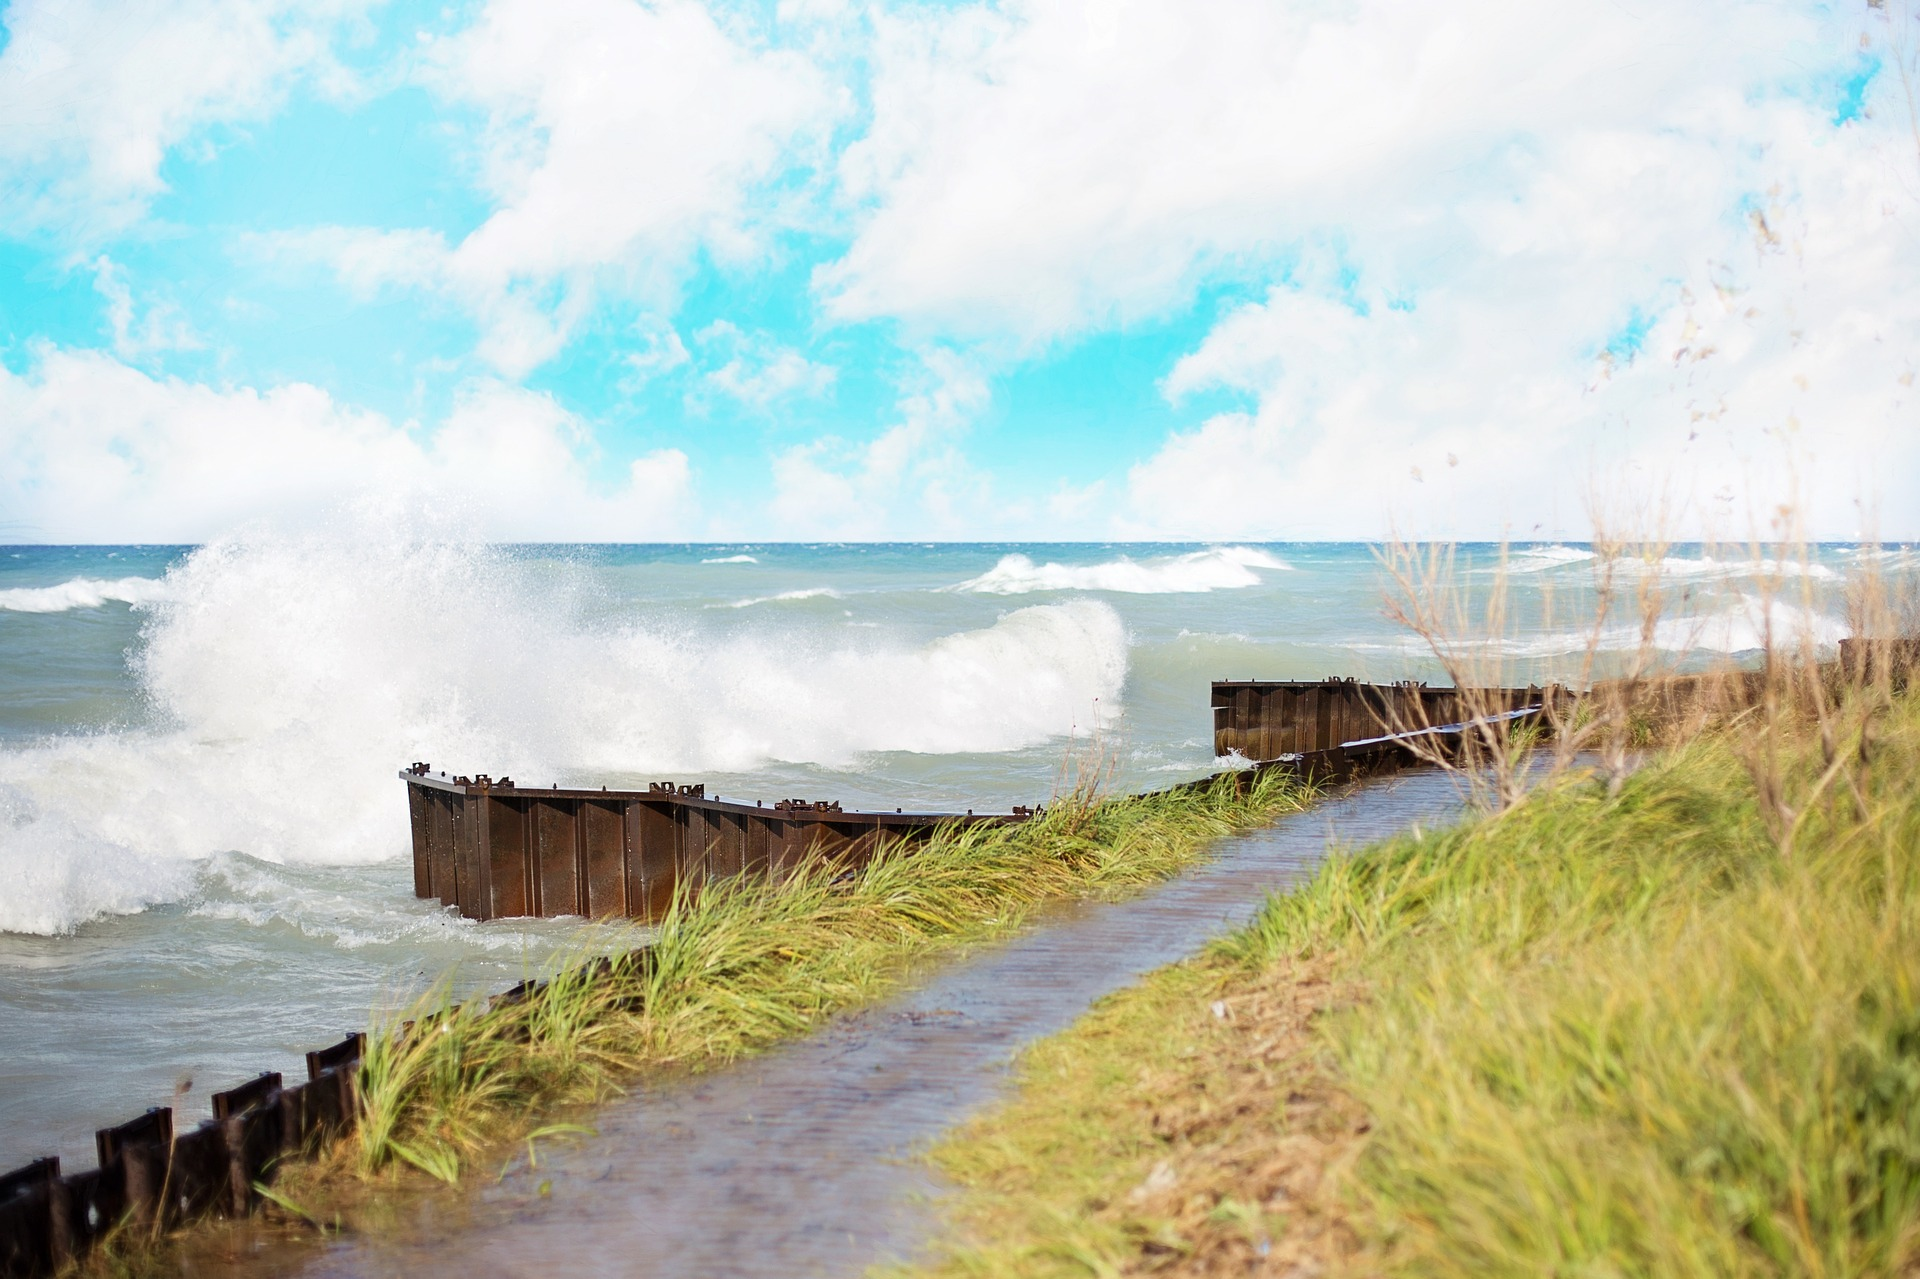 waves-crashing-1004890_1920